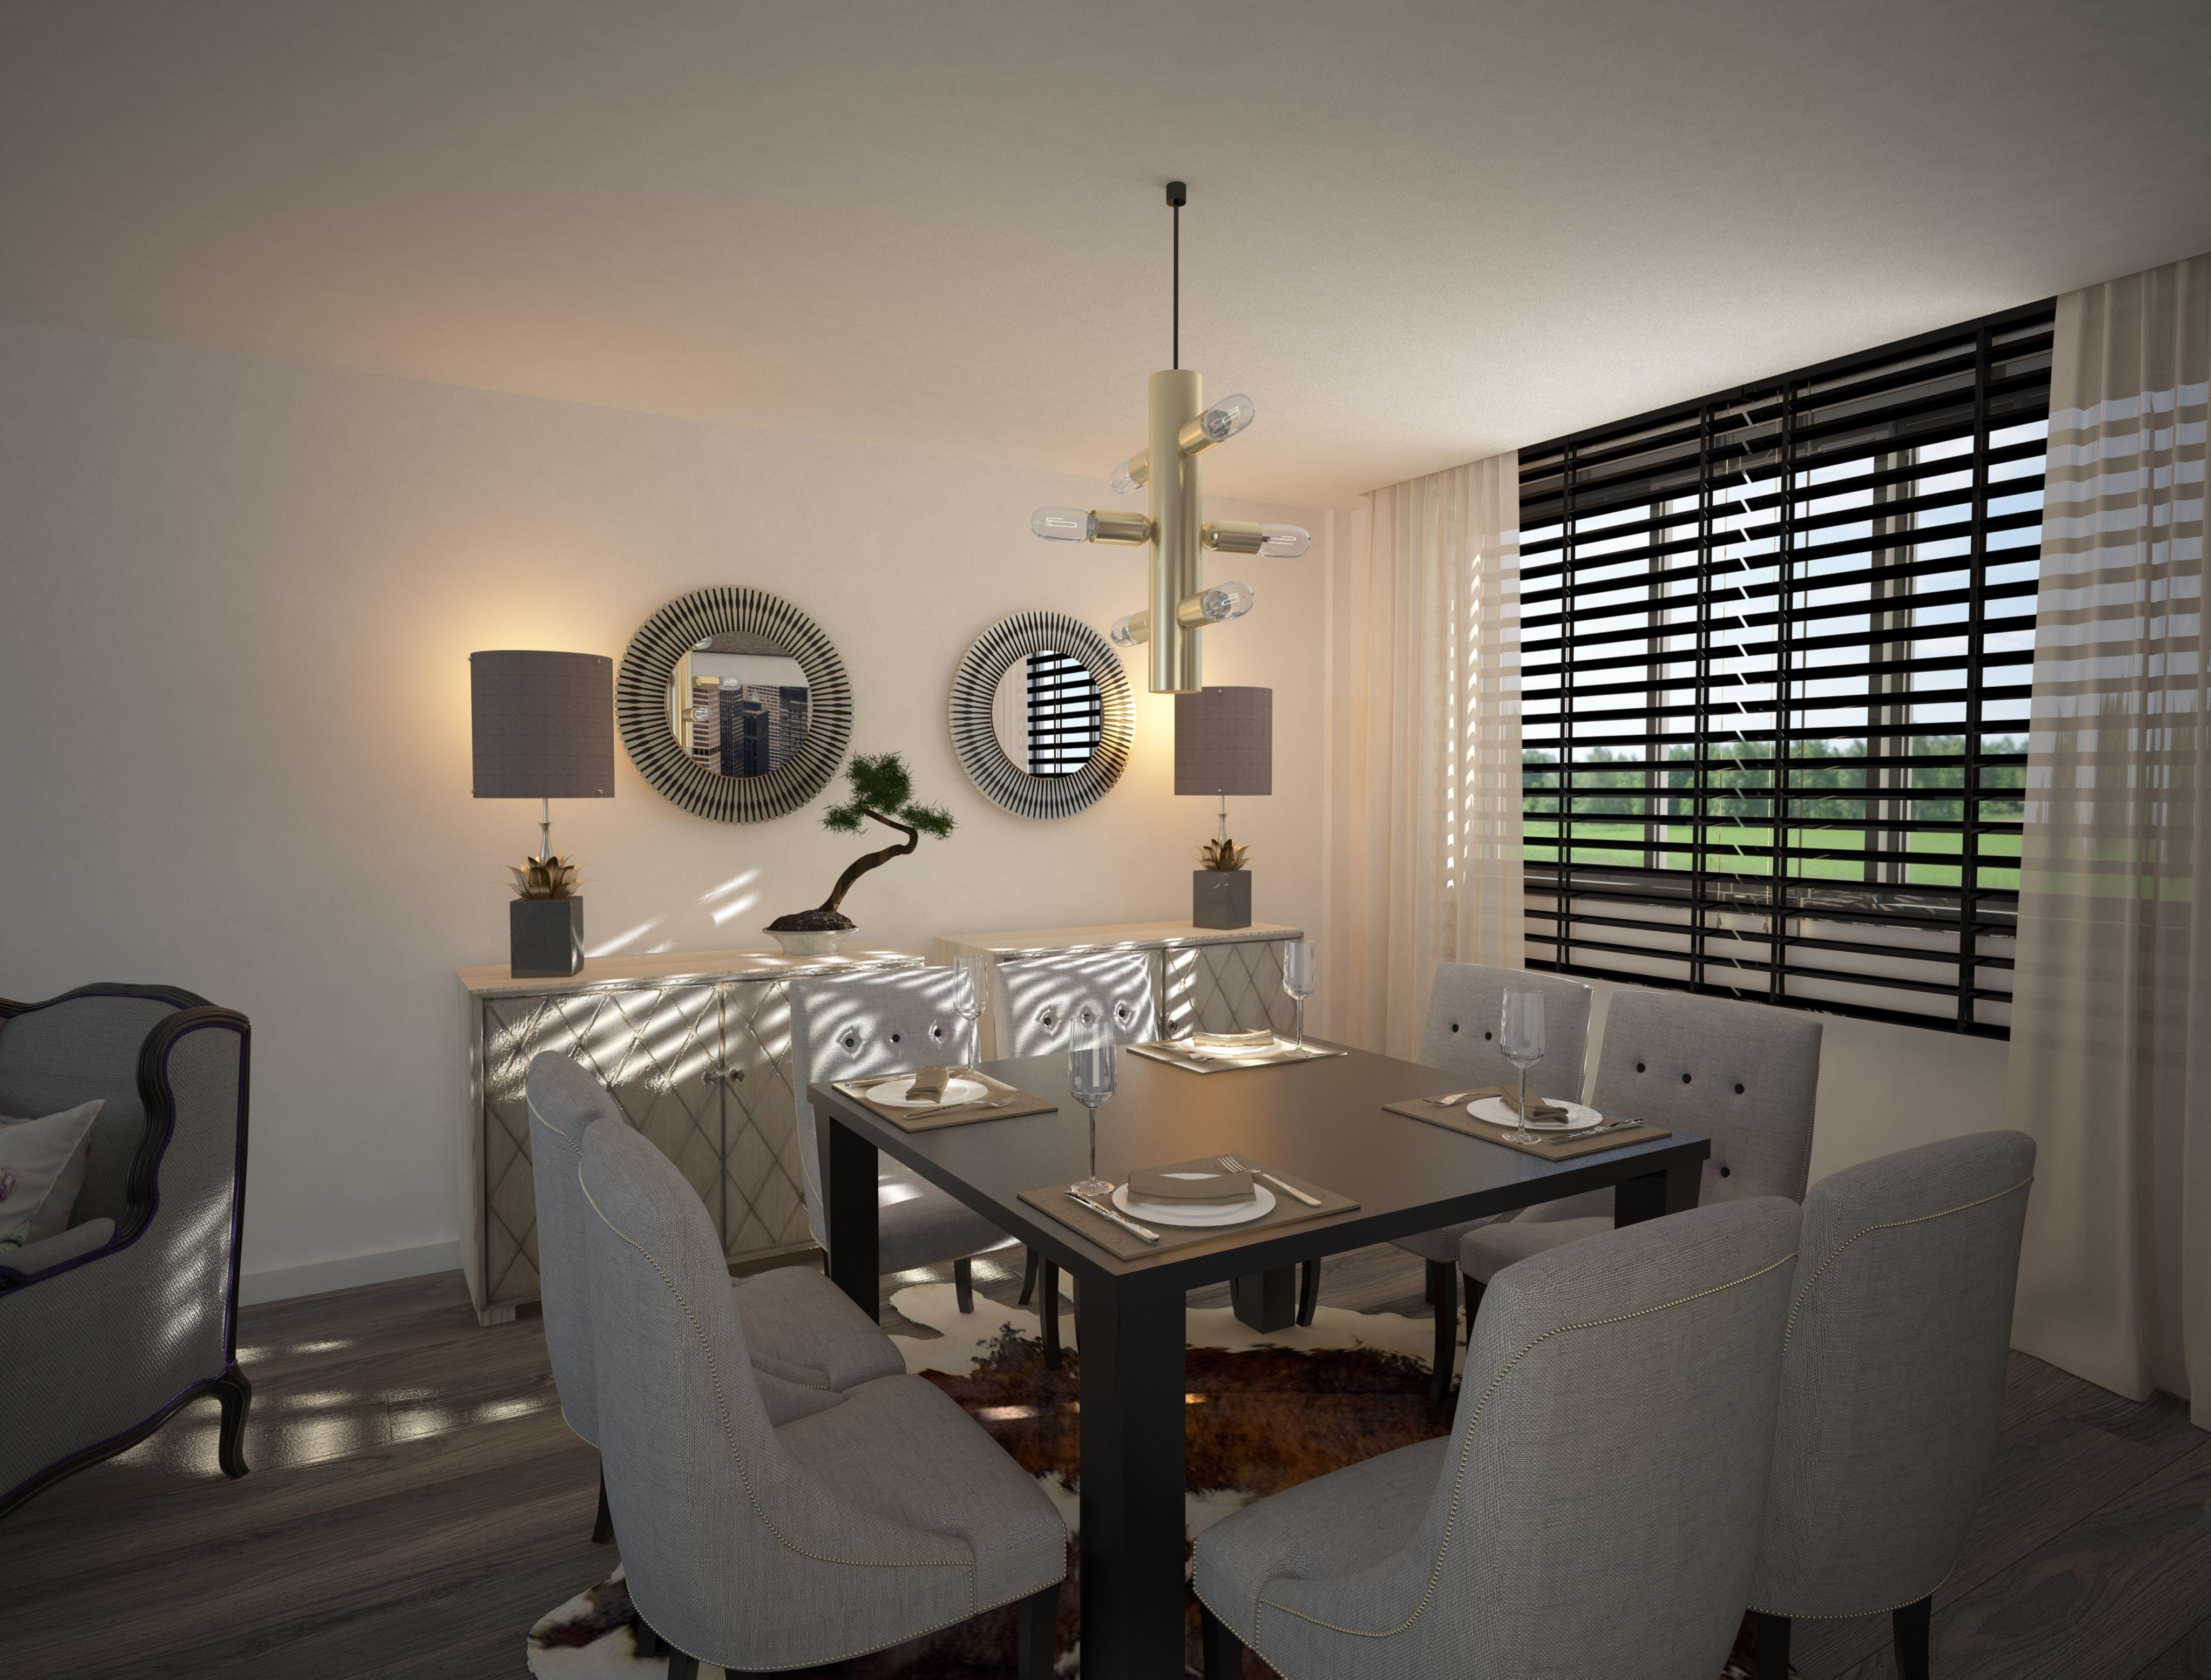 Comedor 8 sillas de fabricante nacional, mesa de 120x120 extensible ...